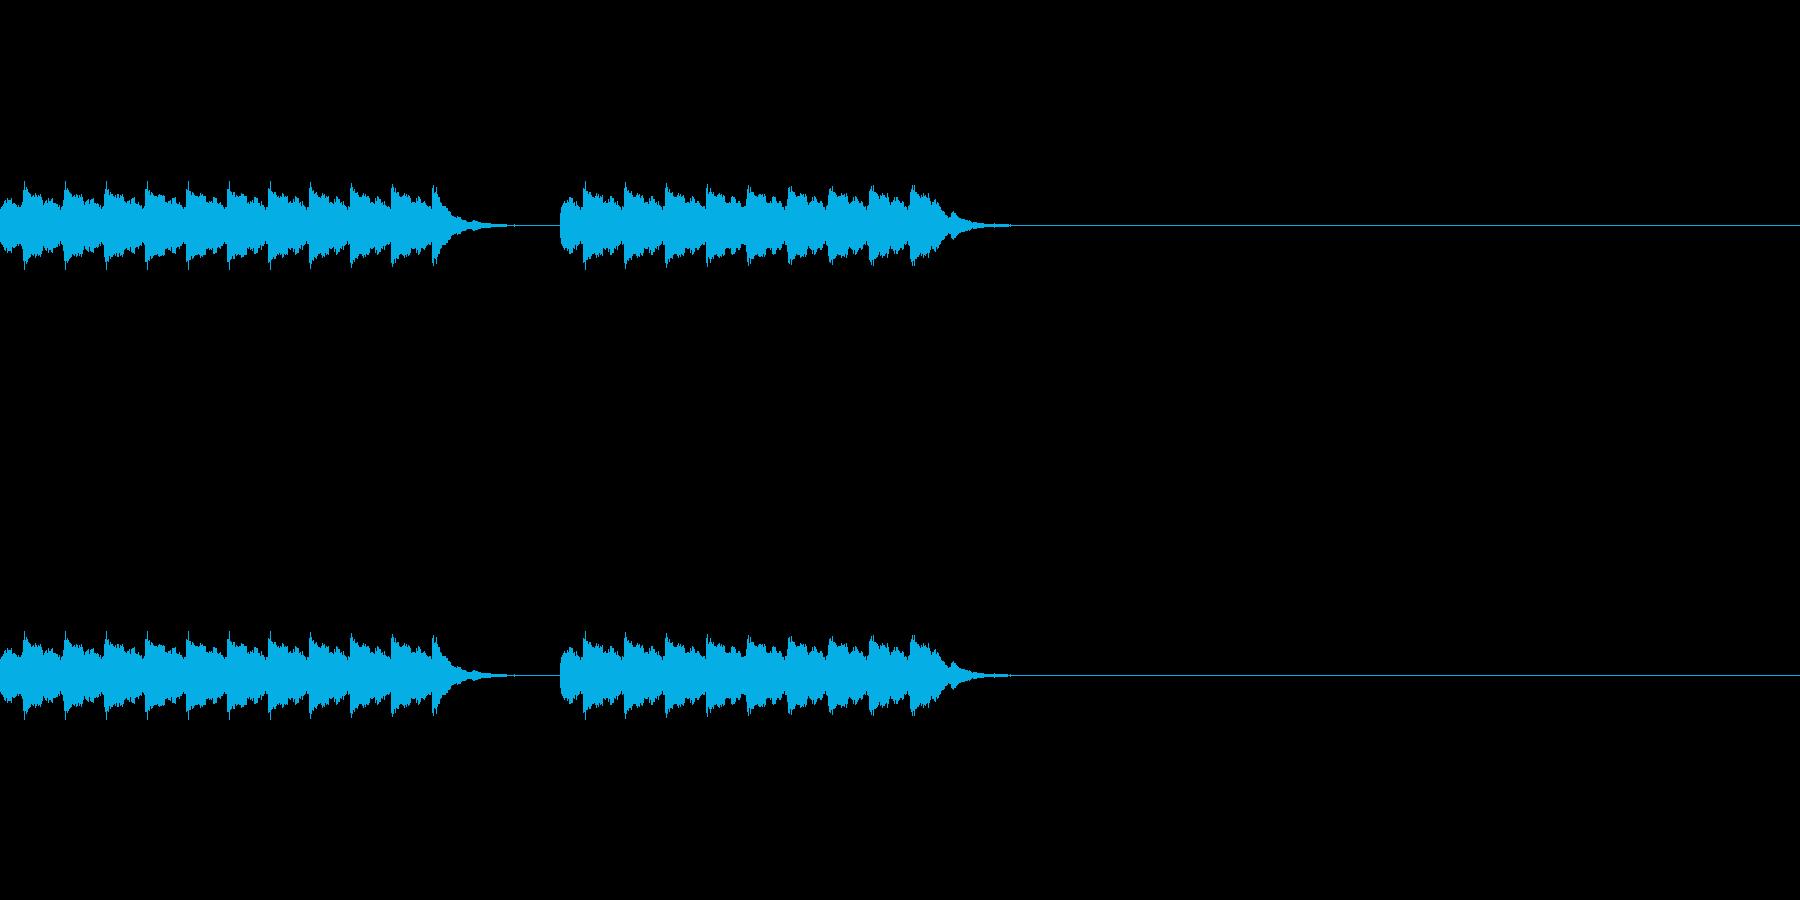 電話のベル2回、hihiBの再生済みの波形